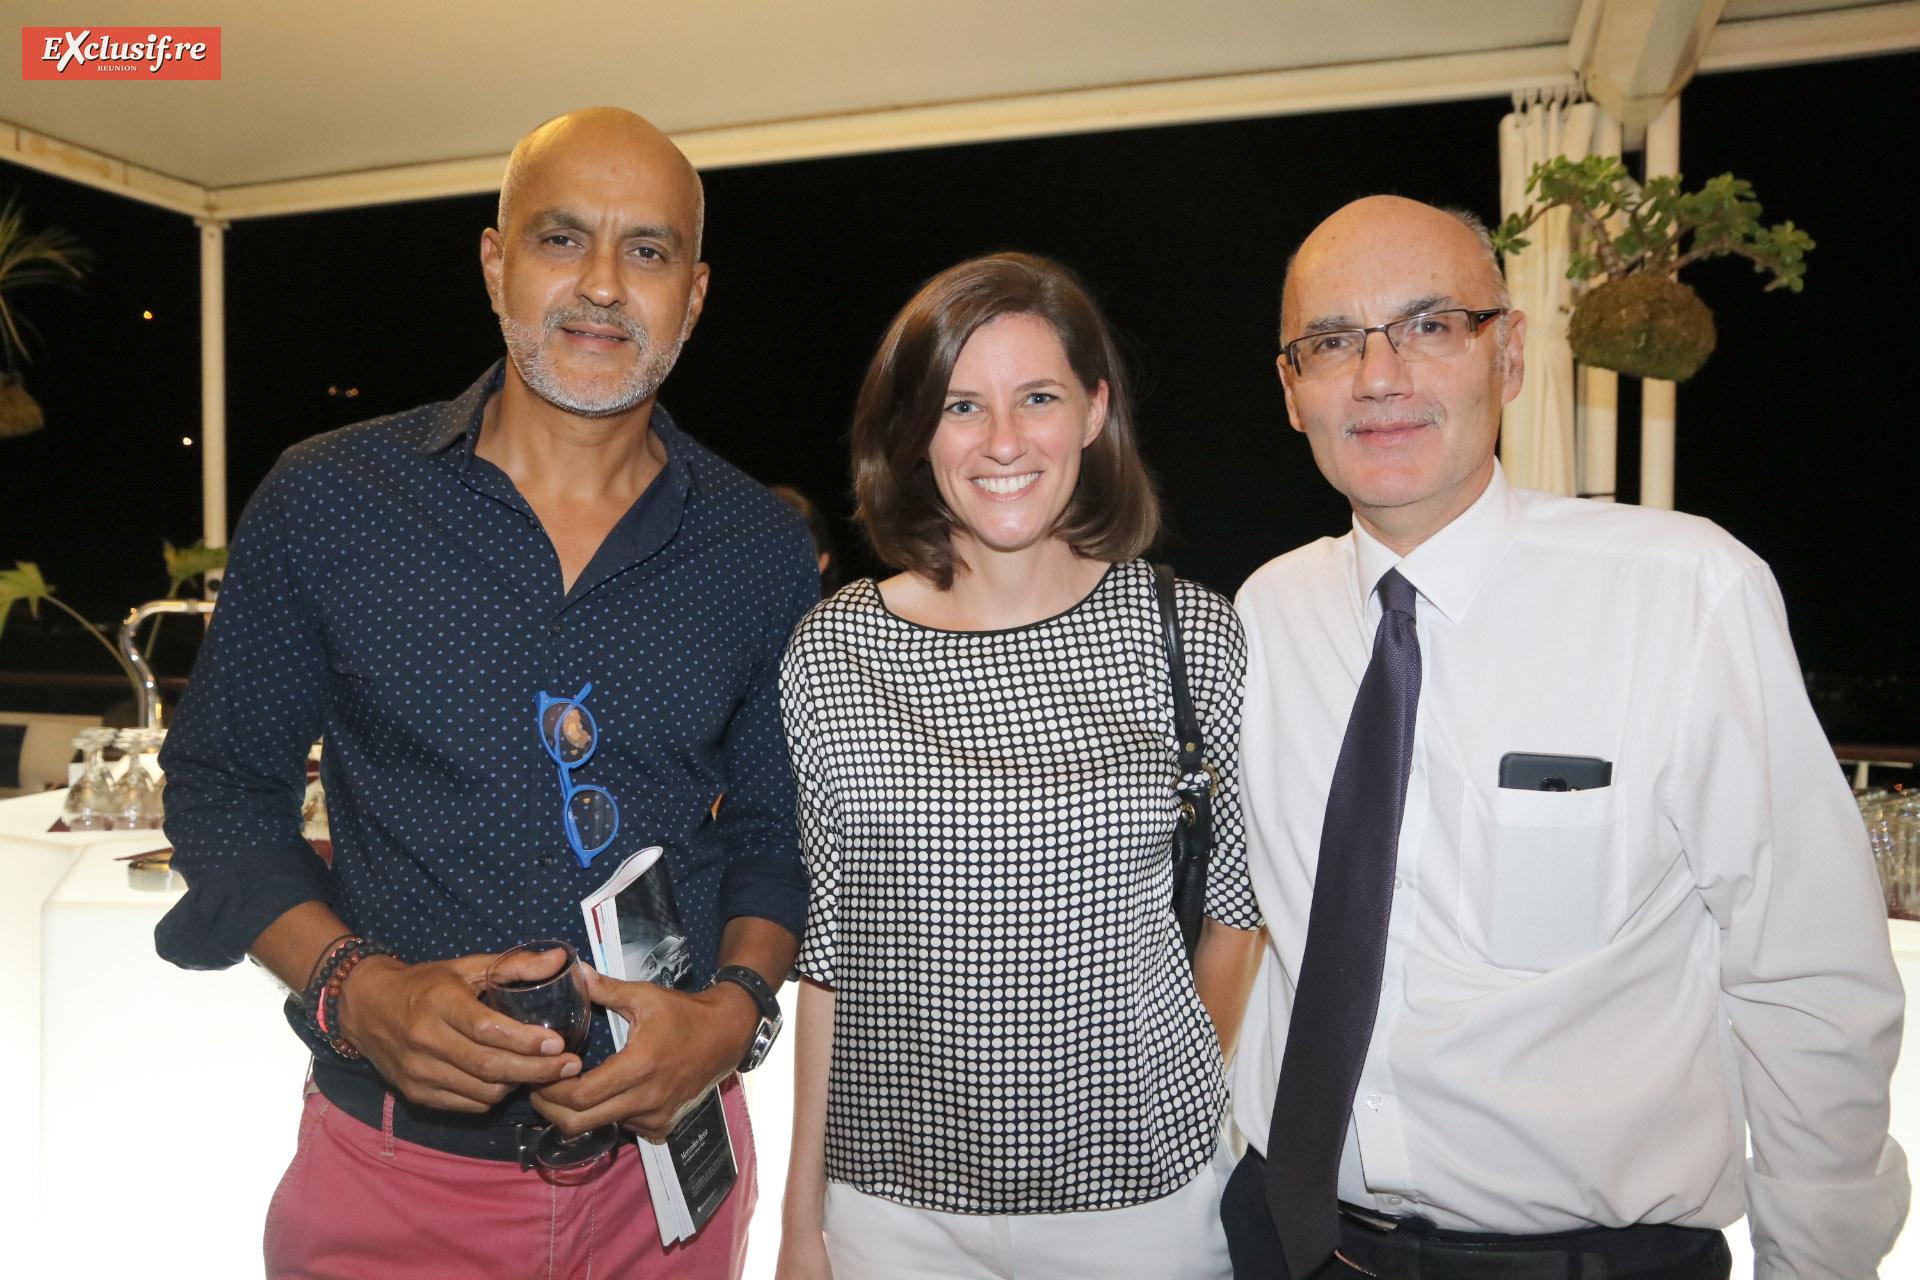 Patrick Verny, directeur AC2V, Pauline Boissimon, responsable communication et marketing Total Réunion, et Thierry Pierrat, directeur régional AG2R La Mondiale